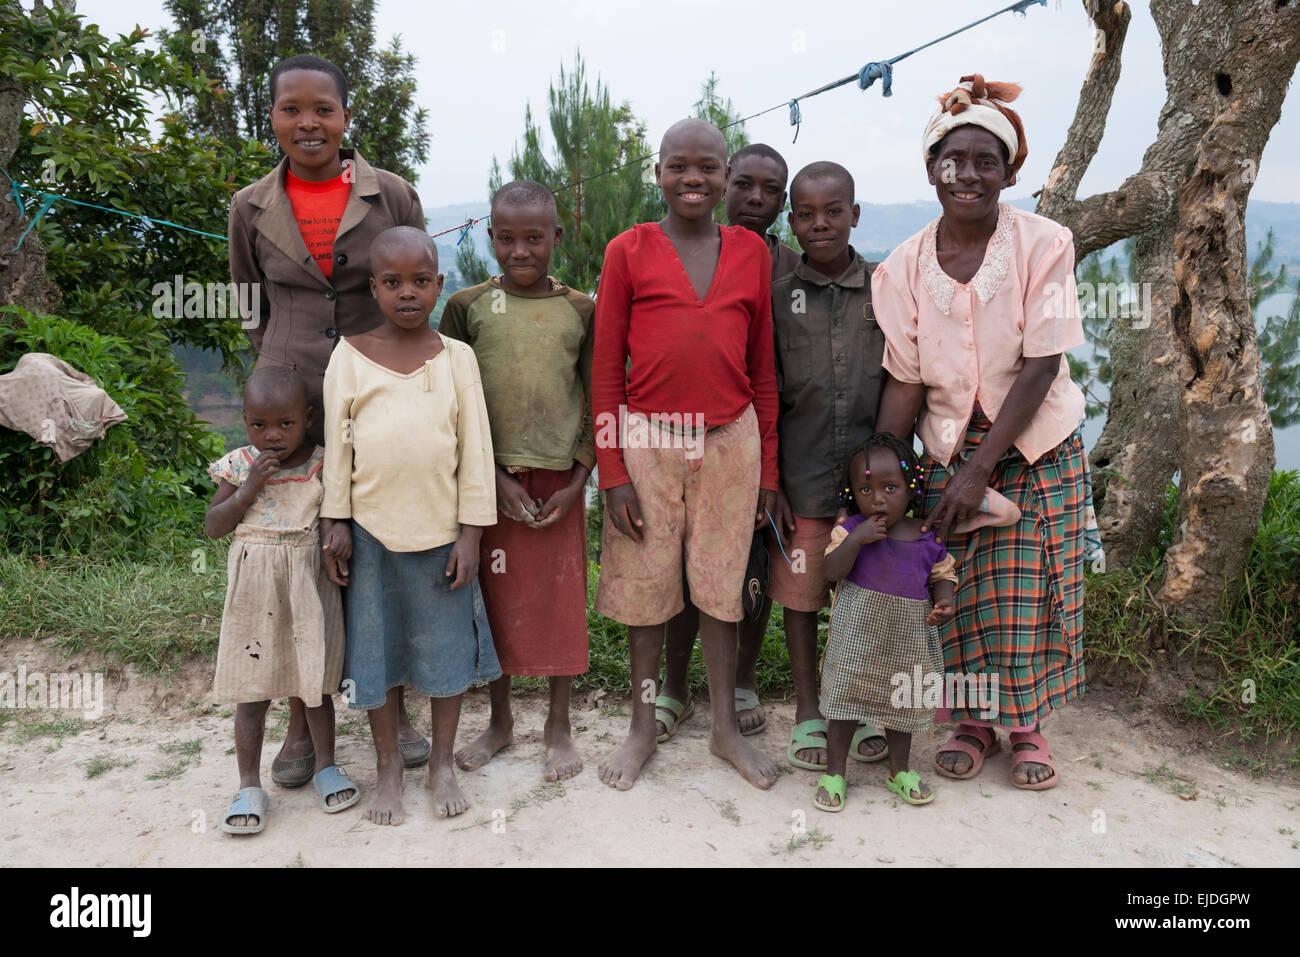 Los agricultores familiares pausa. El lago Bunyonyi. Uganda. Imagen De Stock